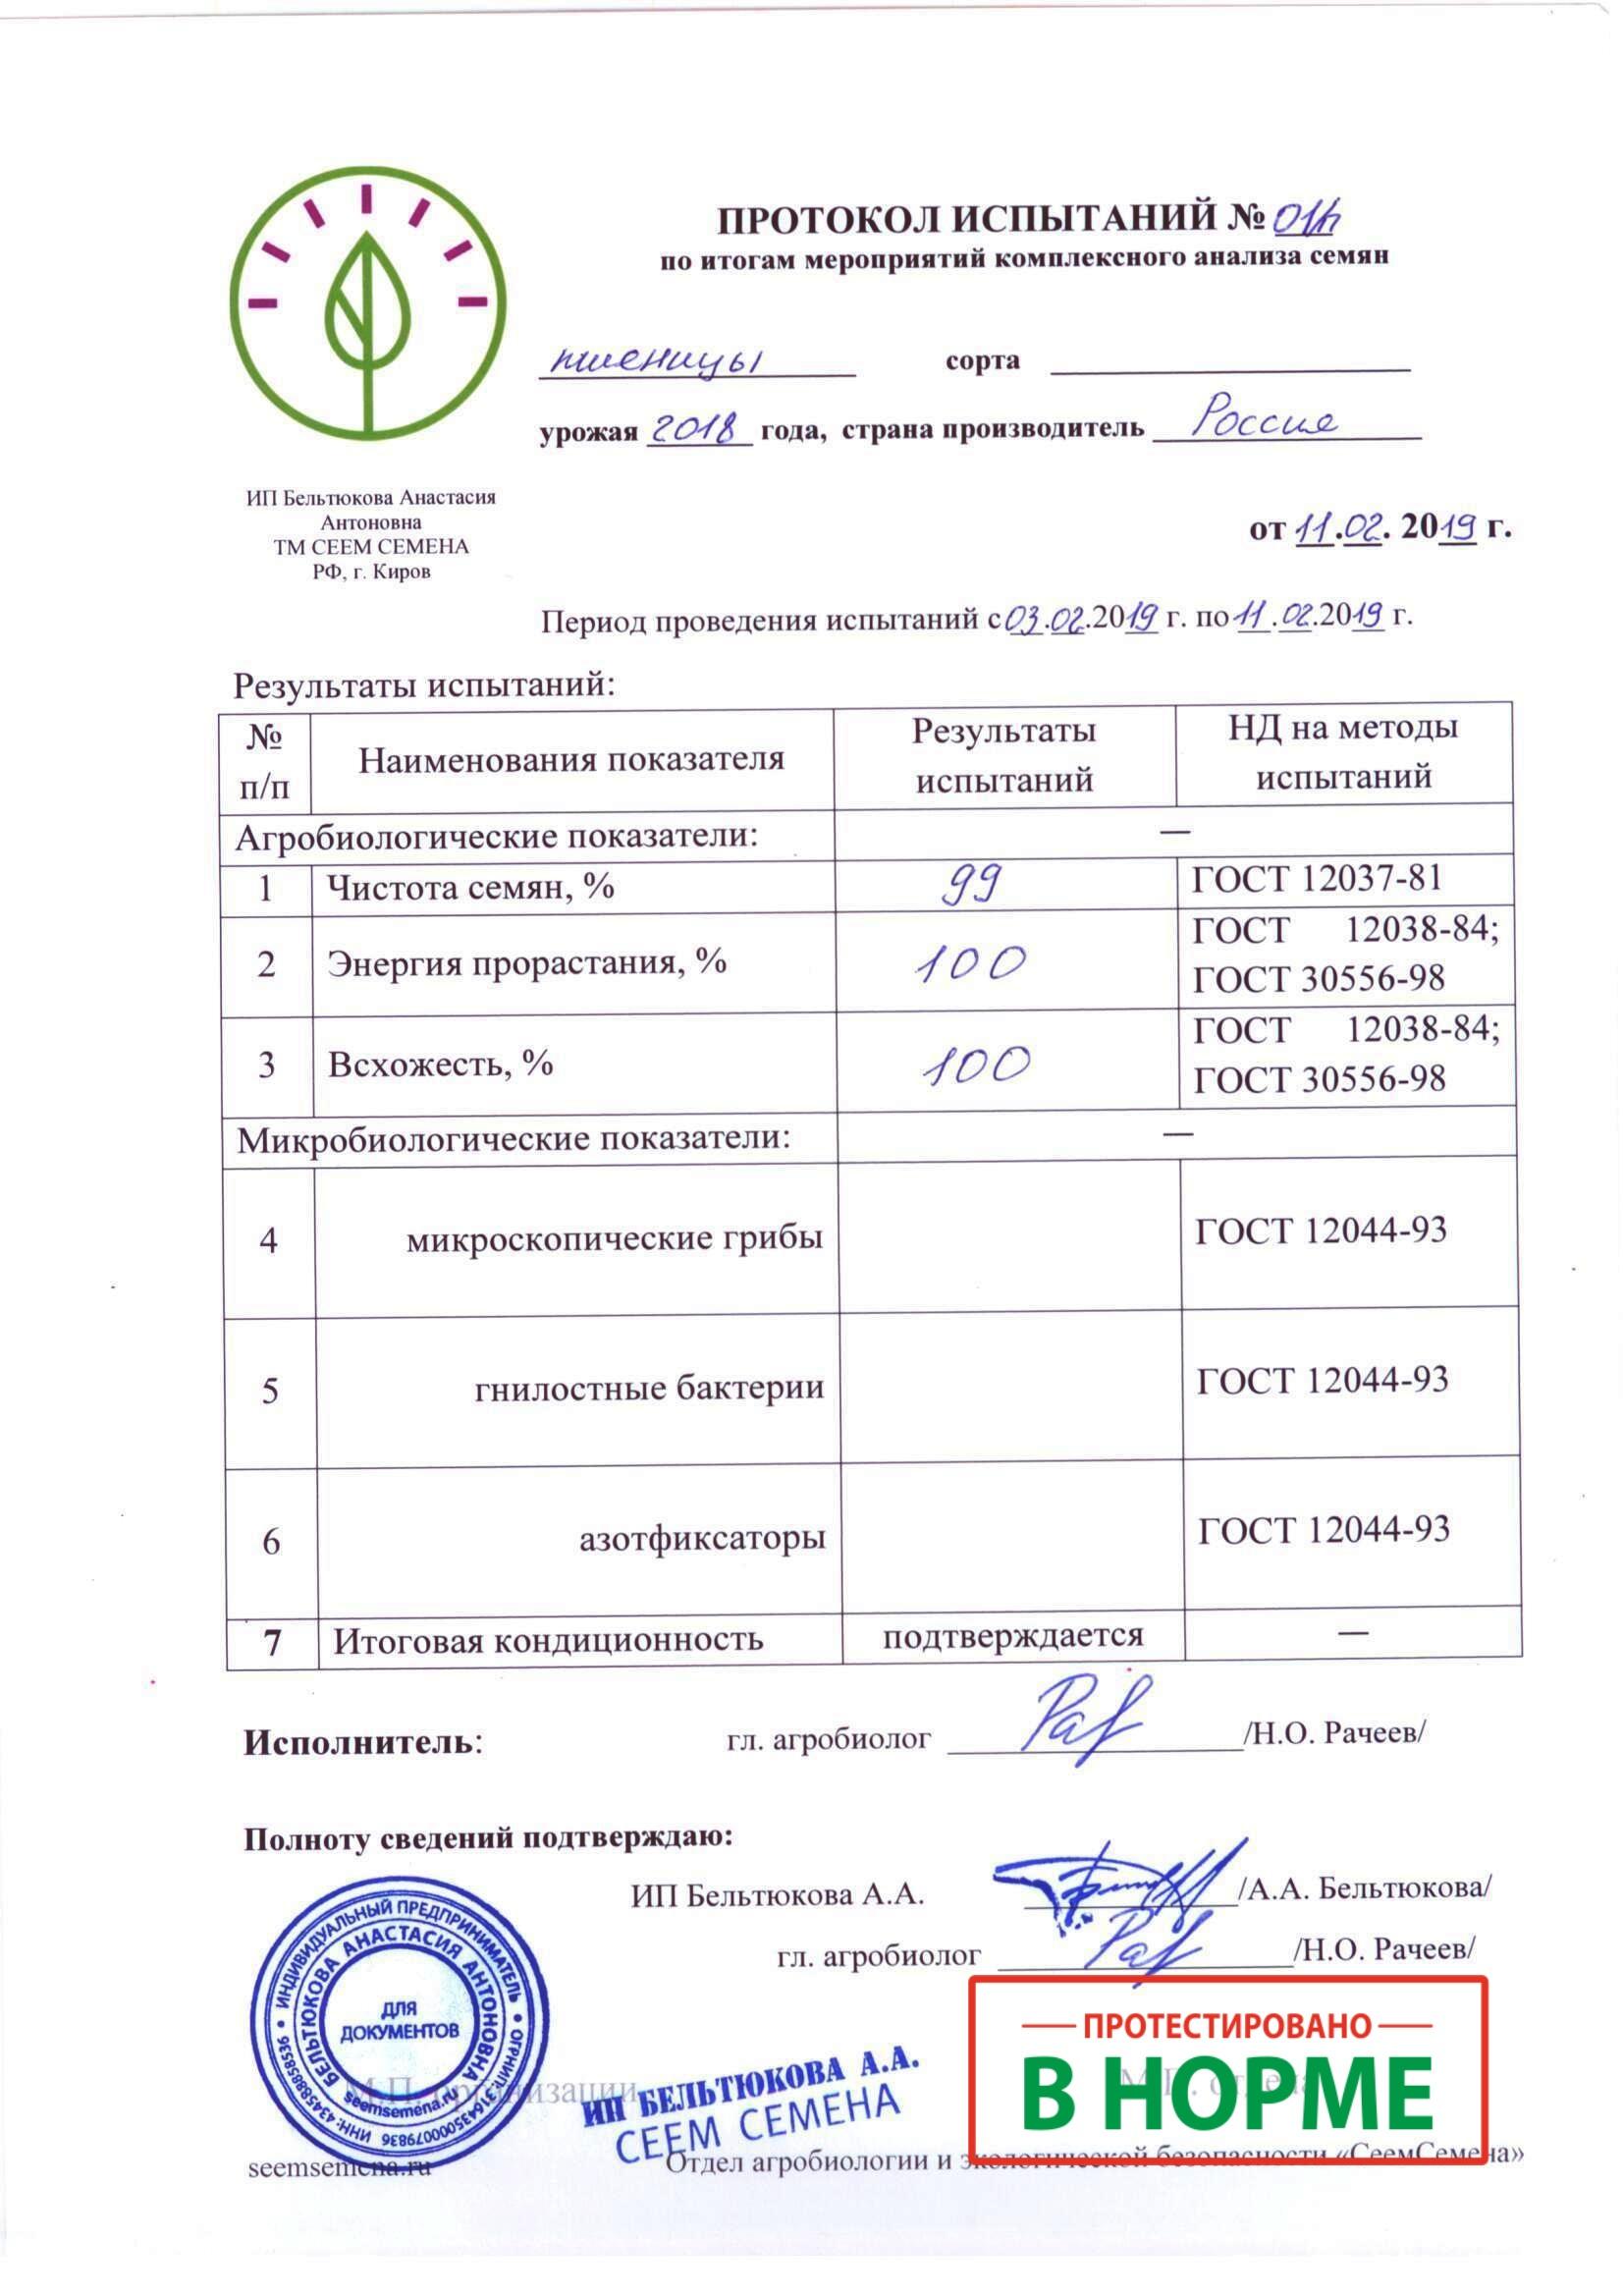 ПРОТОКОЛ ИСПЫТАНИЙ СЕМЯН ПШЕНИЦЫ №01/п